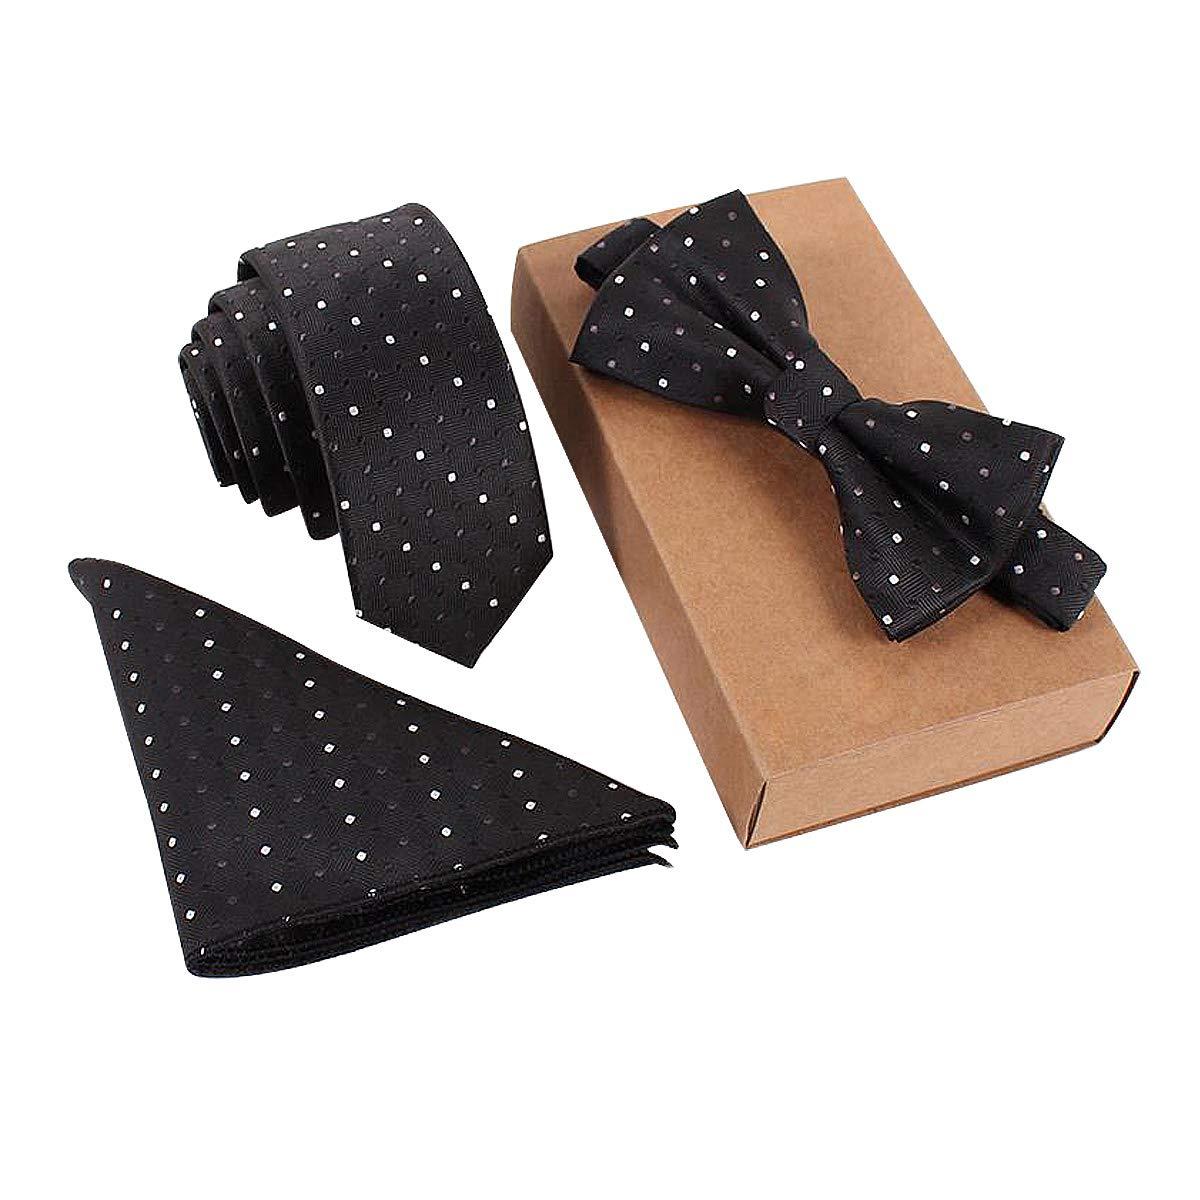 Krawatten Fliegen Einstecktücher Sets Für geschäftliche Anlass, Hochzeit, Party, Event Event (02)